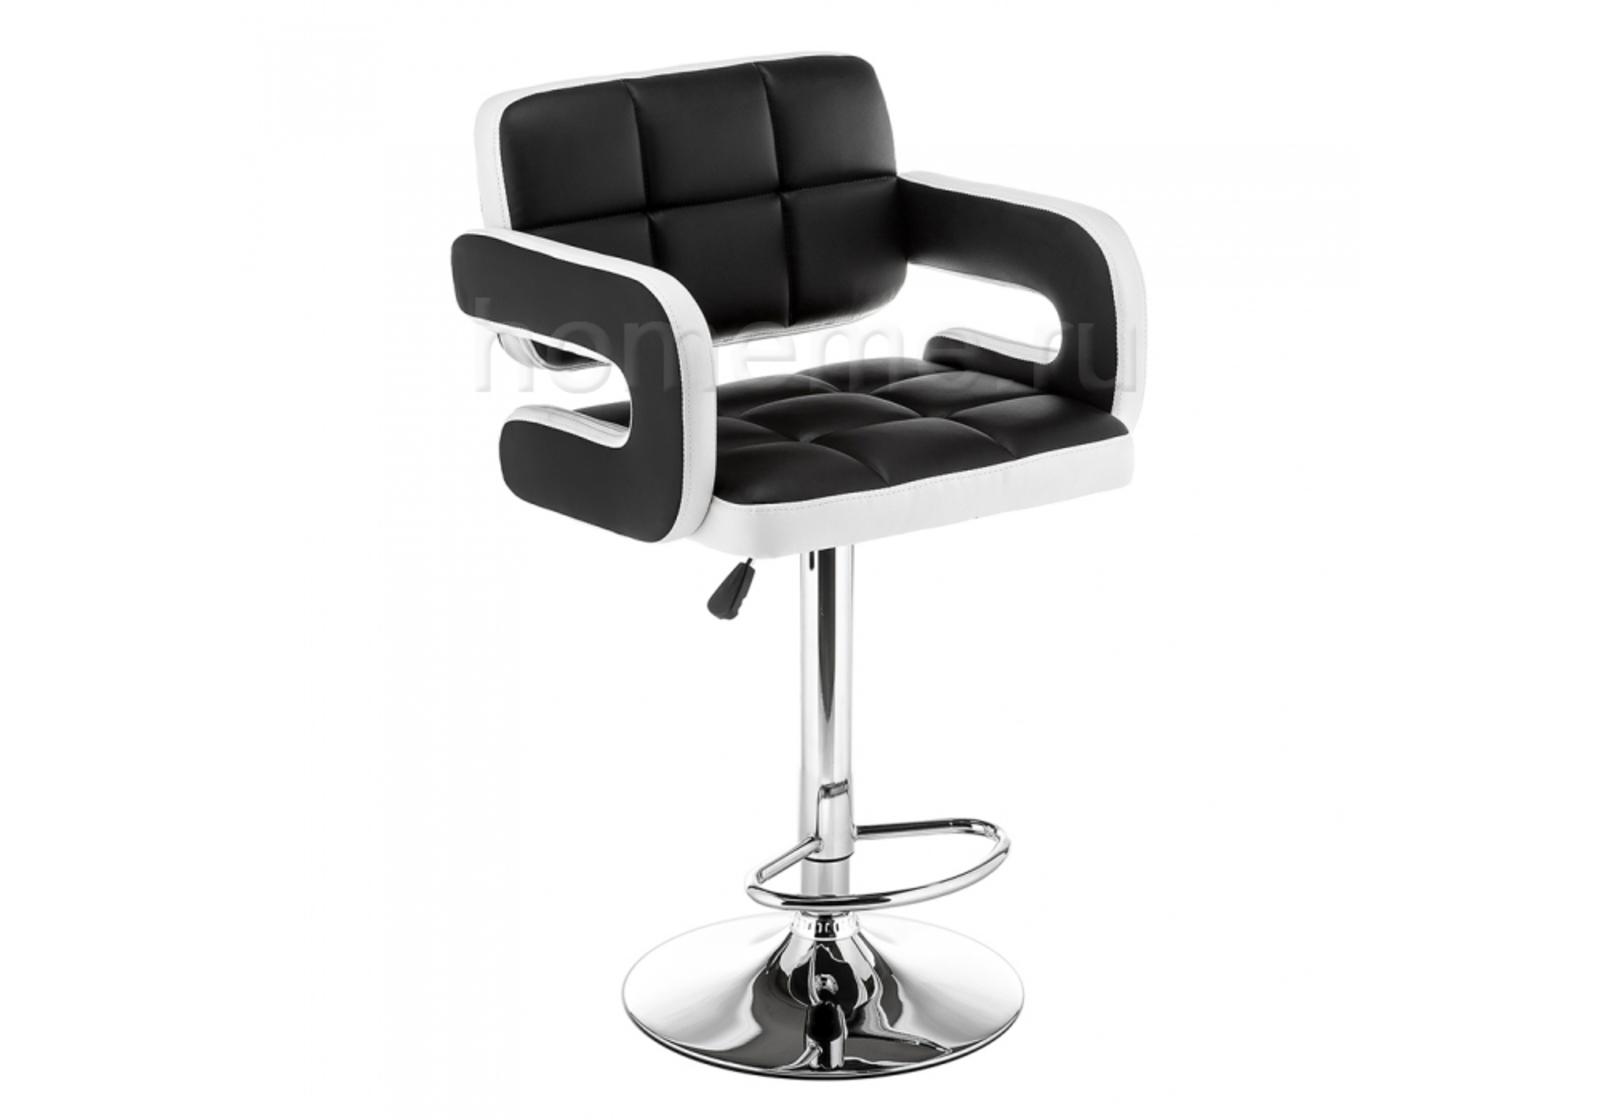 Барный стул Bent черный / белый 11288 Bent черный / белый 11288 (15658)